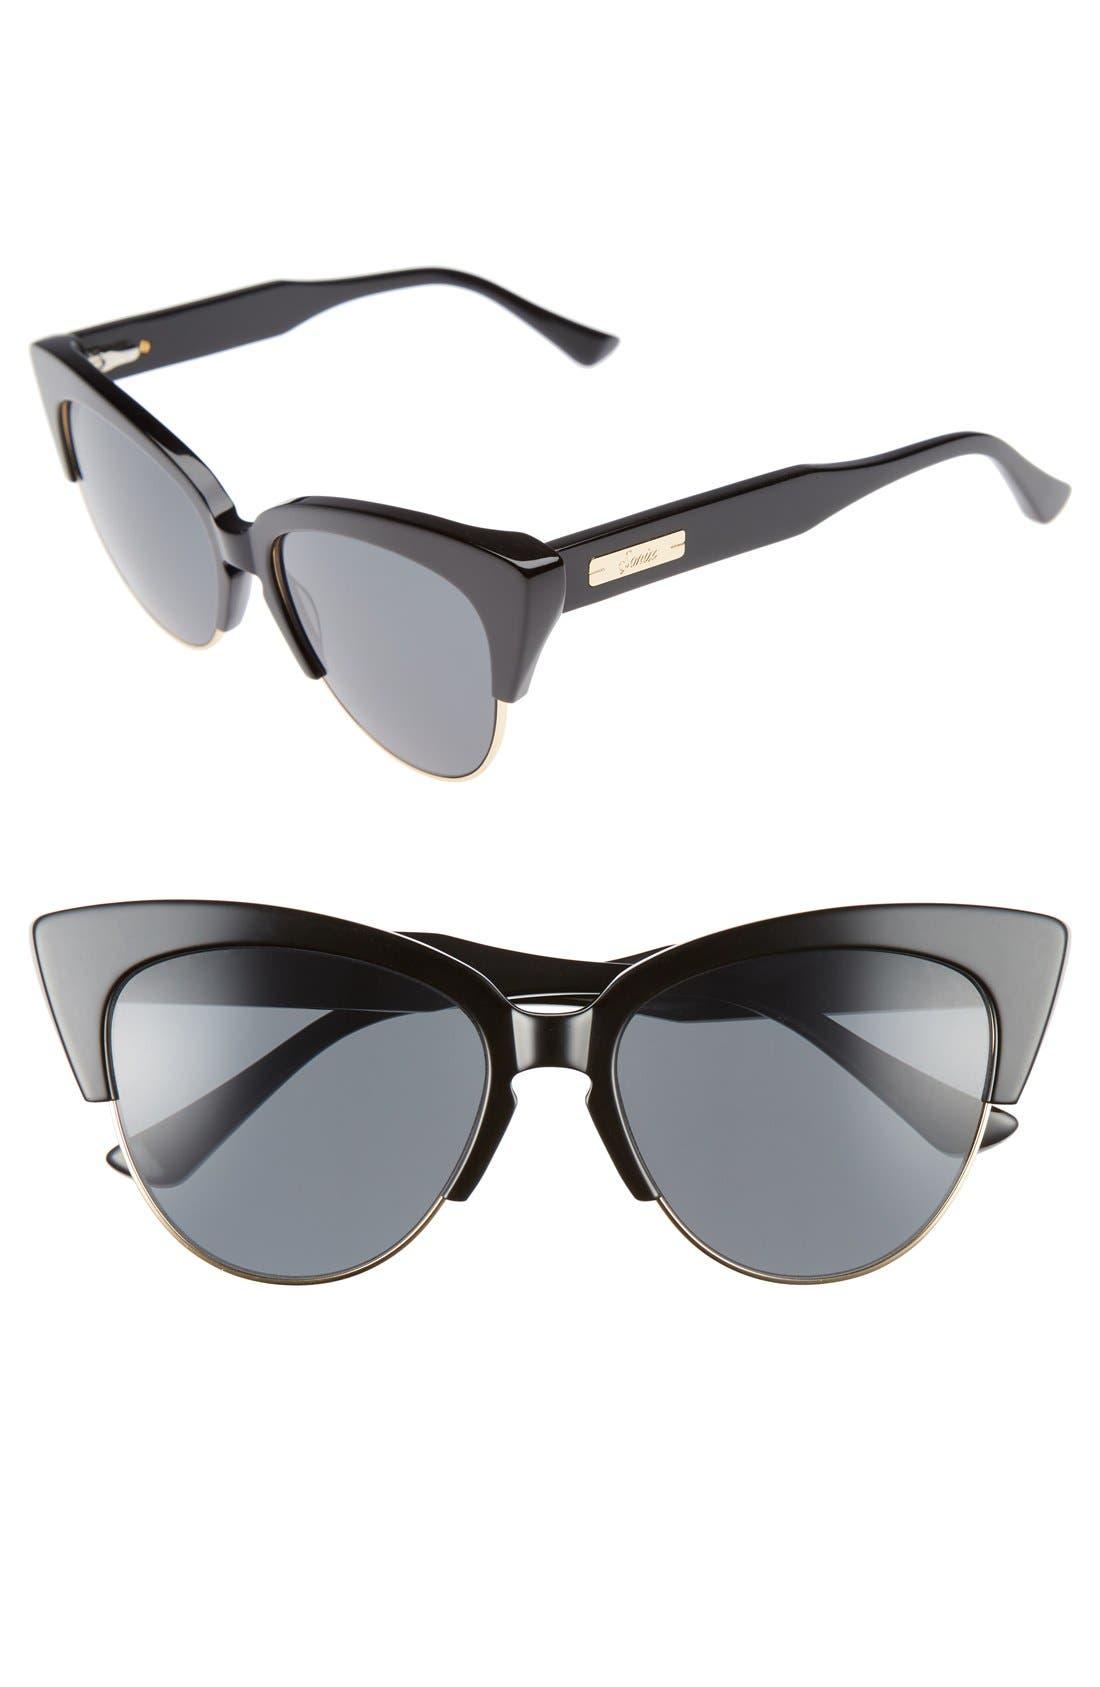 Dafni 56mm Gradient Cat Eye Sunglasses,                         Main,                         color,